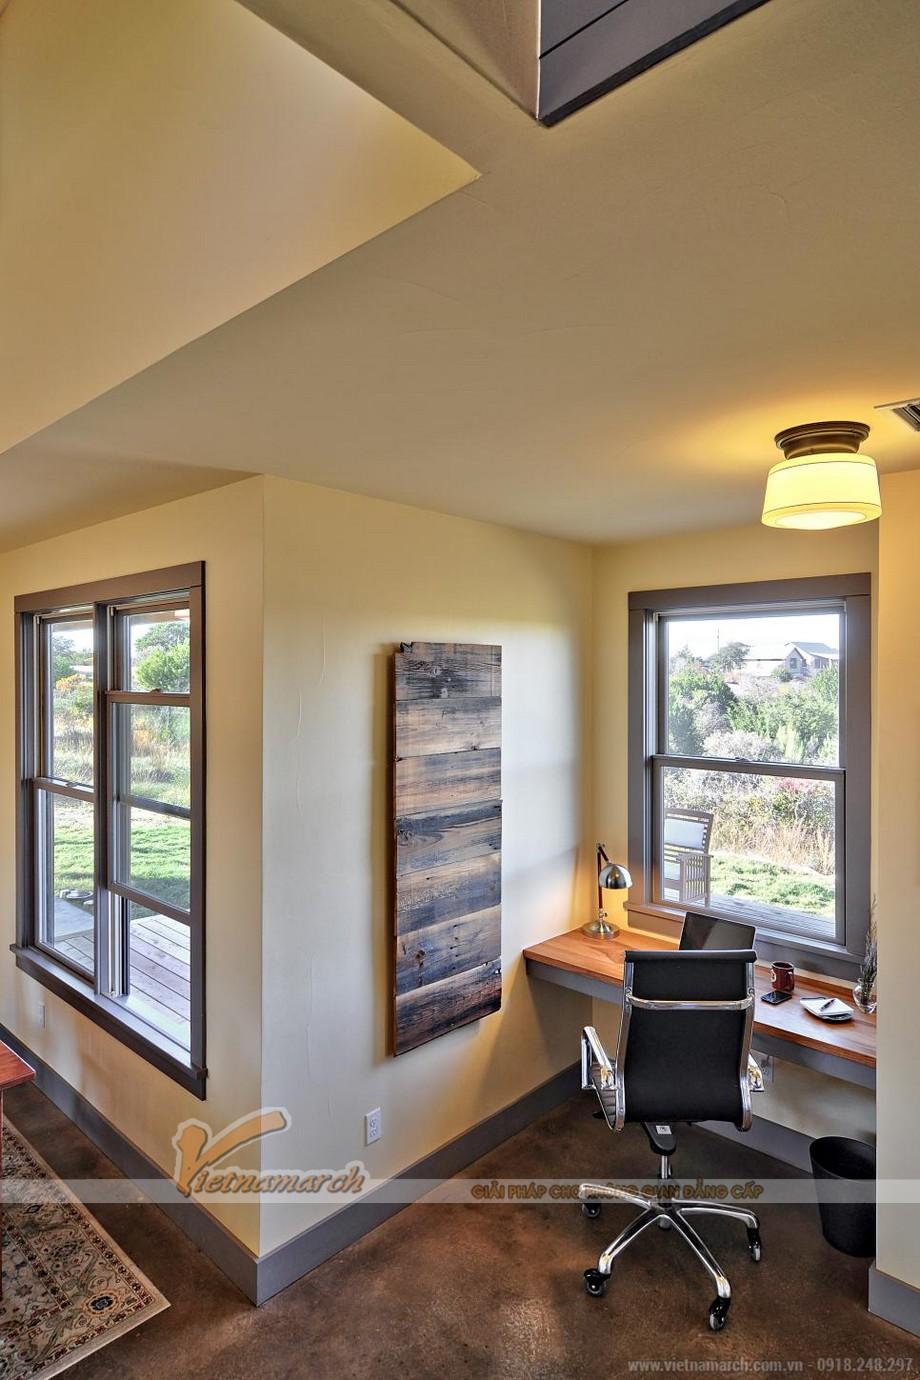 Nên có cửa sổ trong văn phòng của bạn